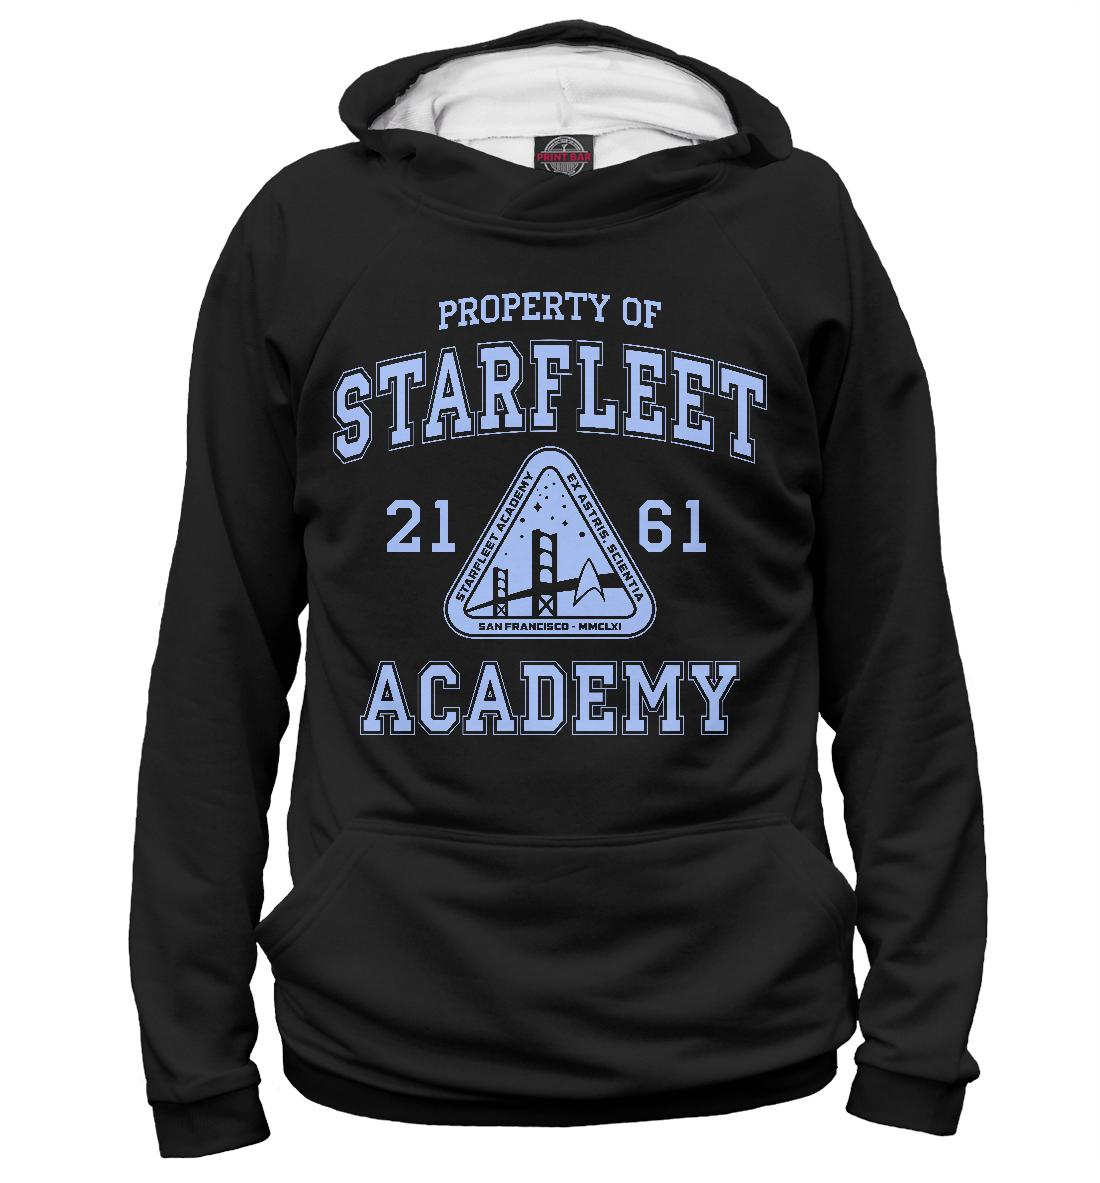 Купить Академия Звёздного флота, Printbar, Худи, STT-111614-hud-1